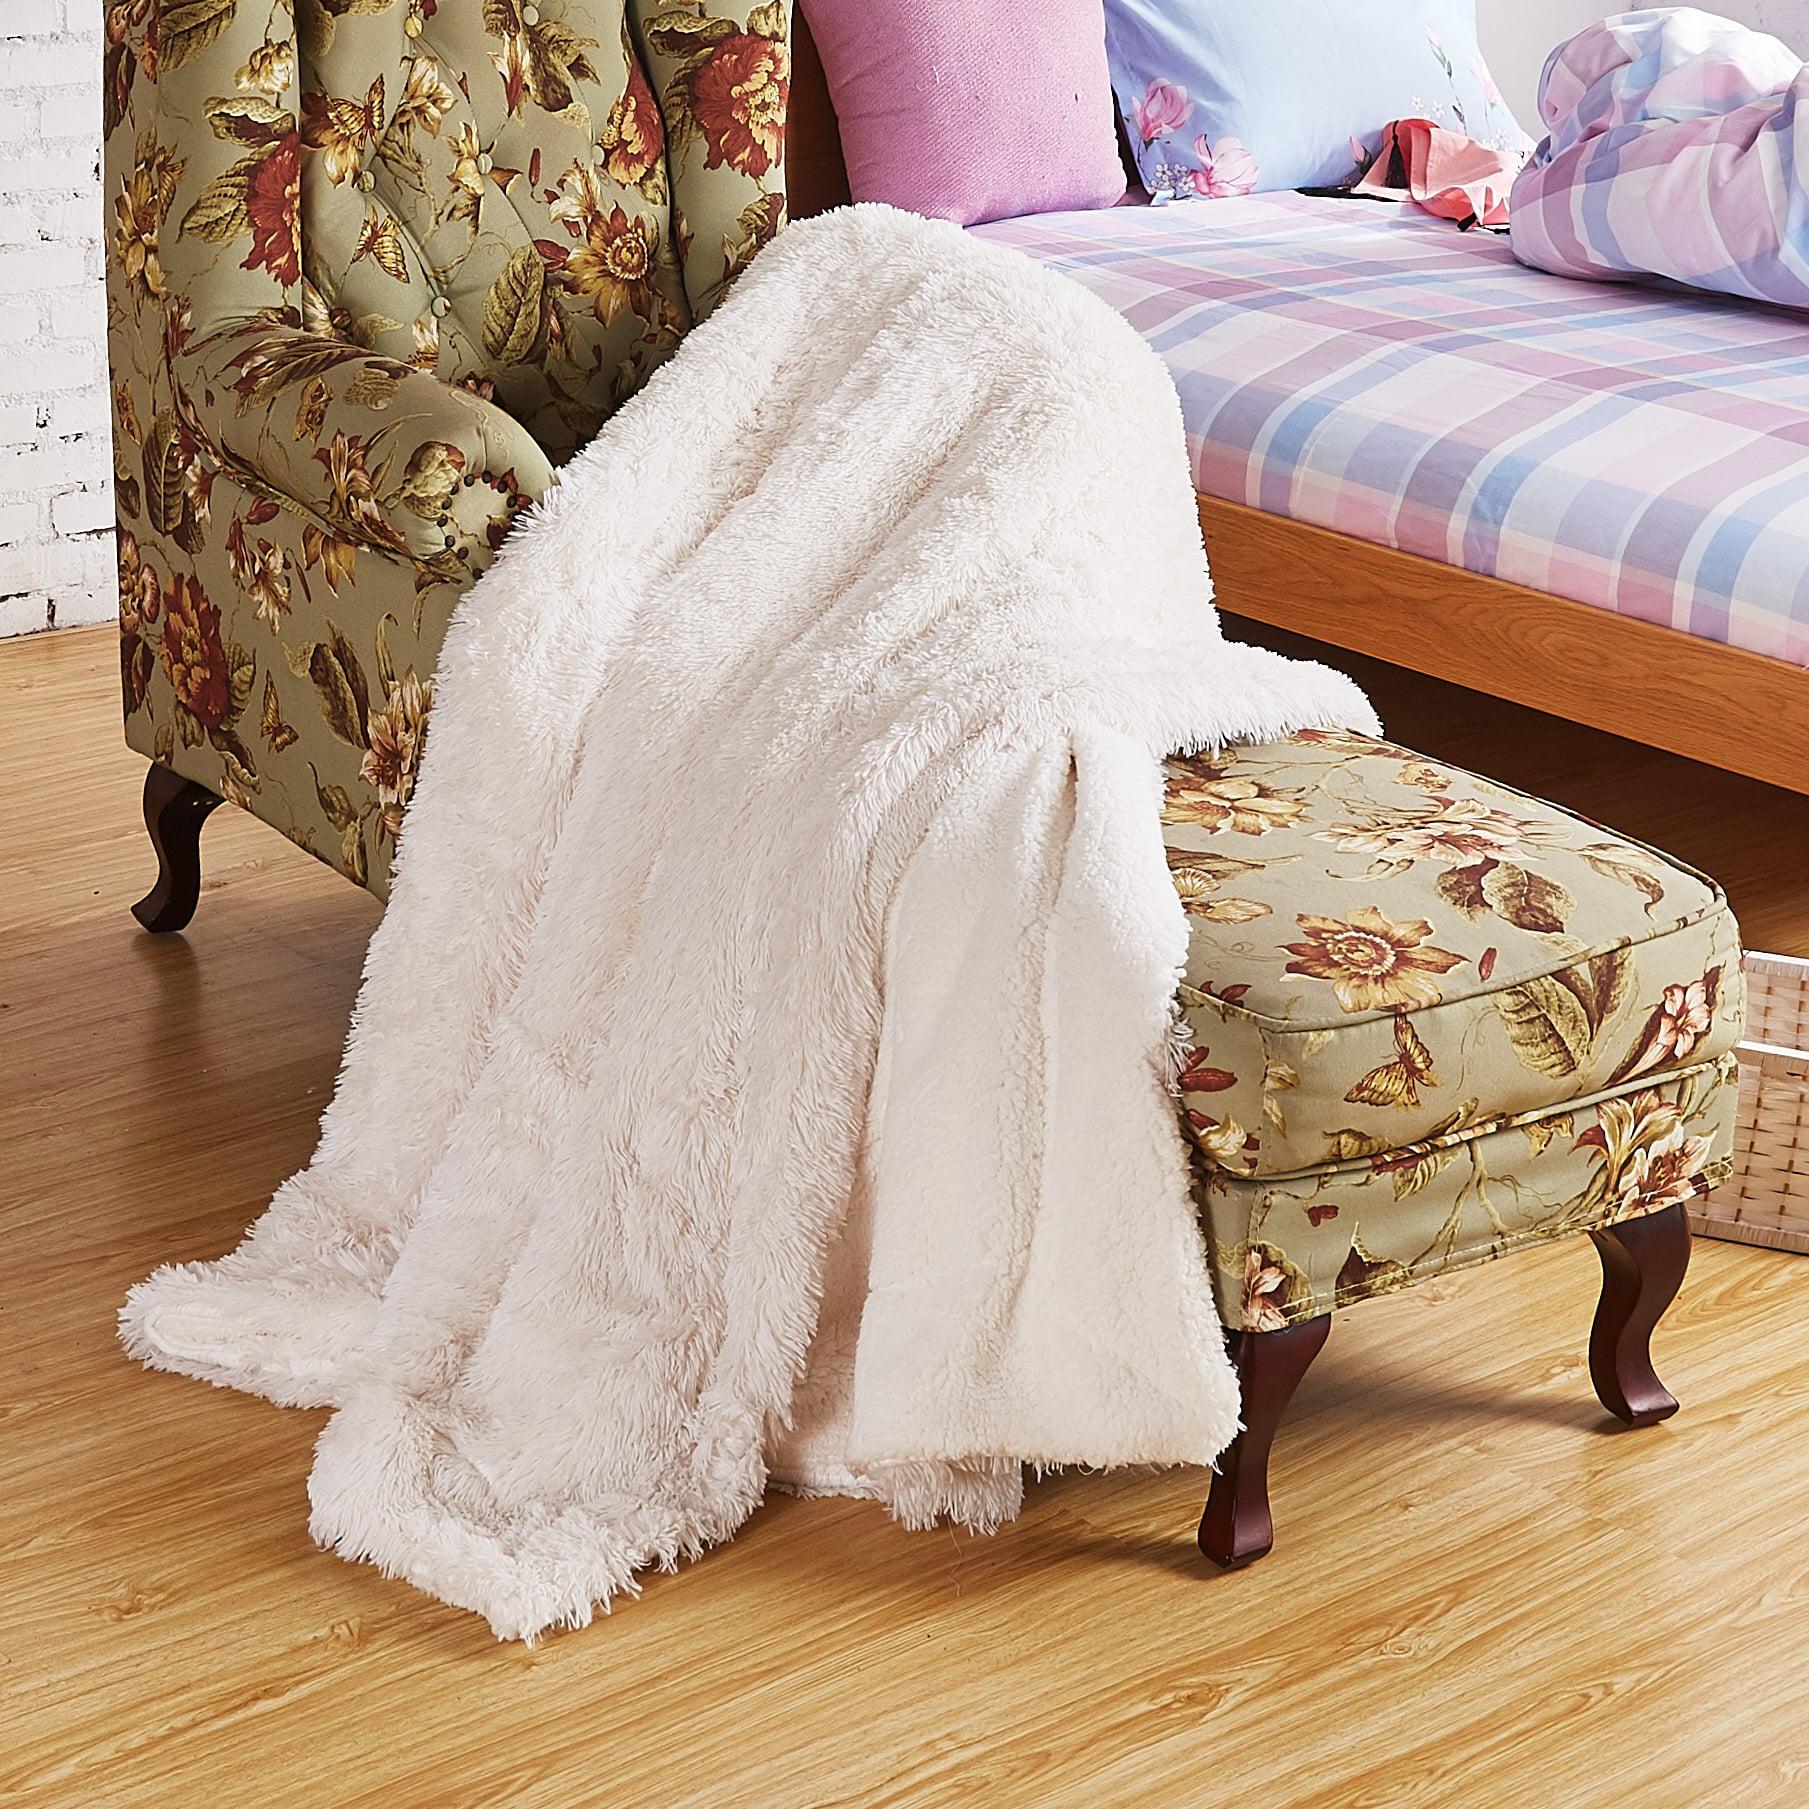 72724dff75 Chanasya Super Soft Shaggy Longfur Throw Blanket